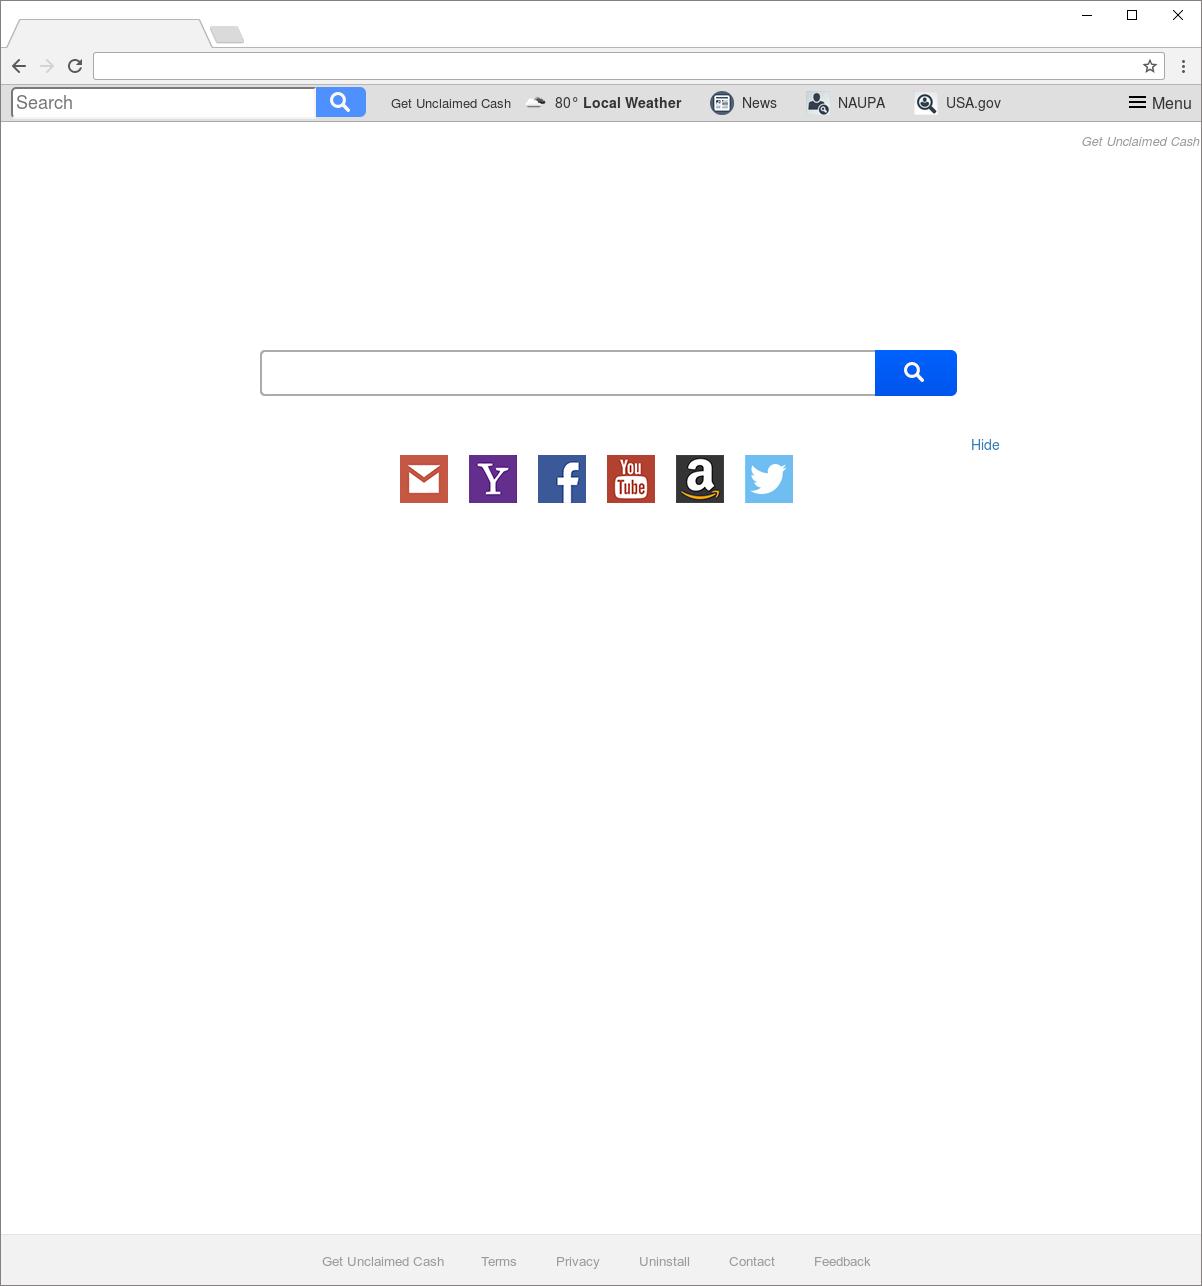 Search.searchucp.com Hijacker